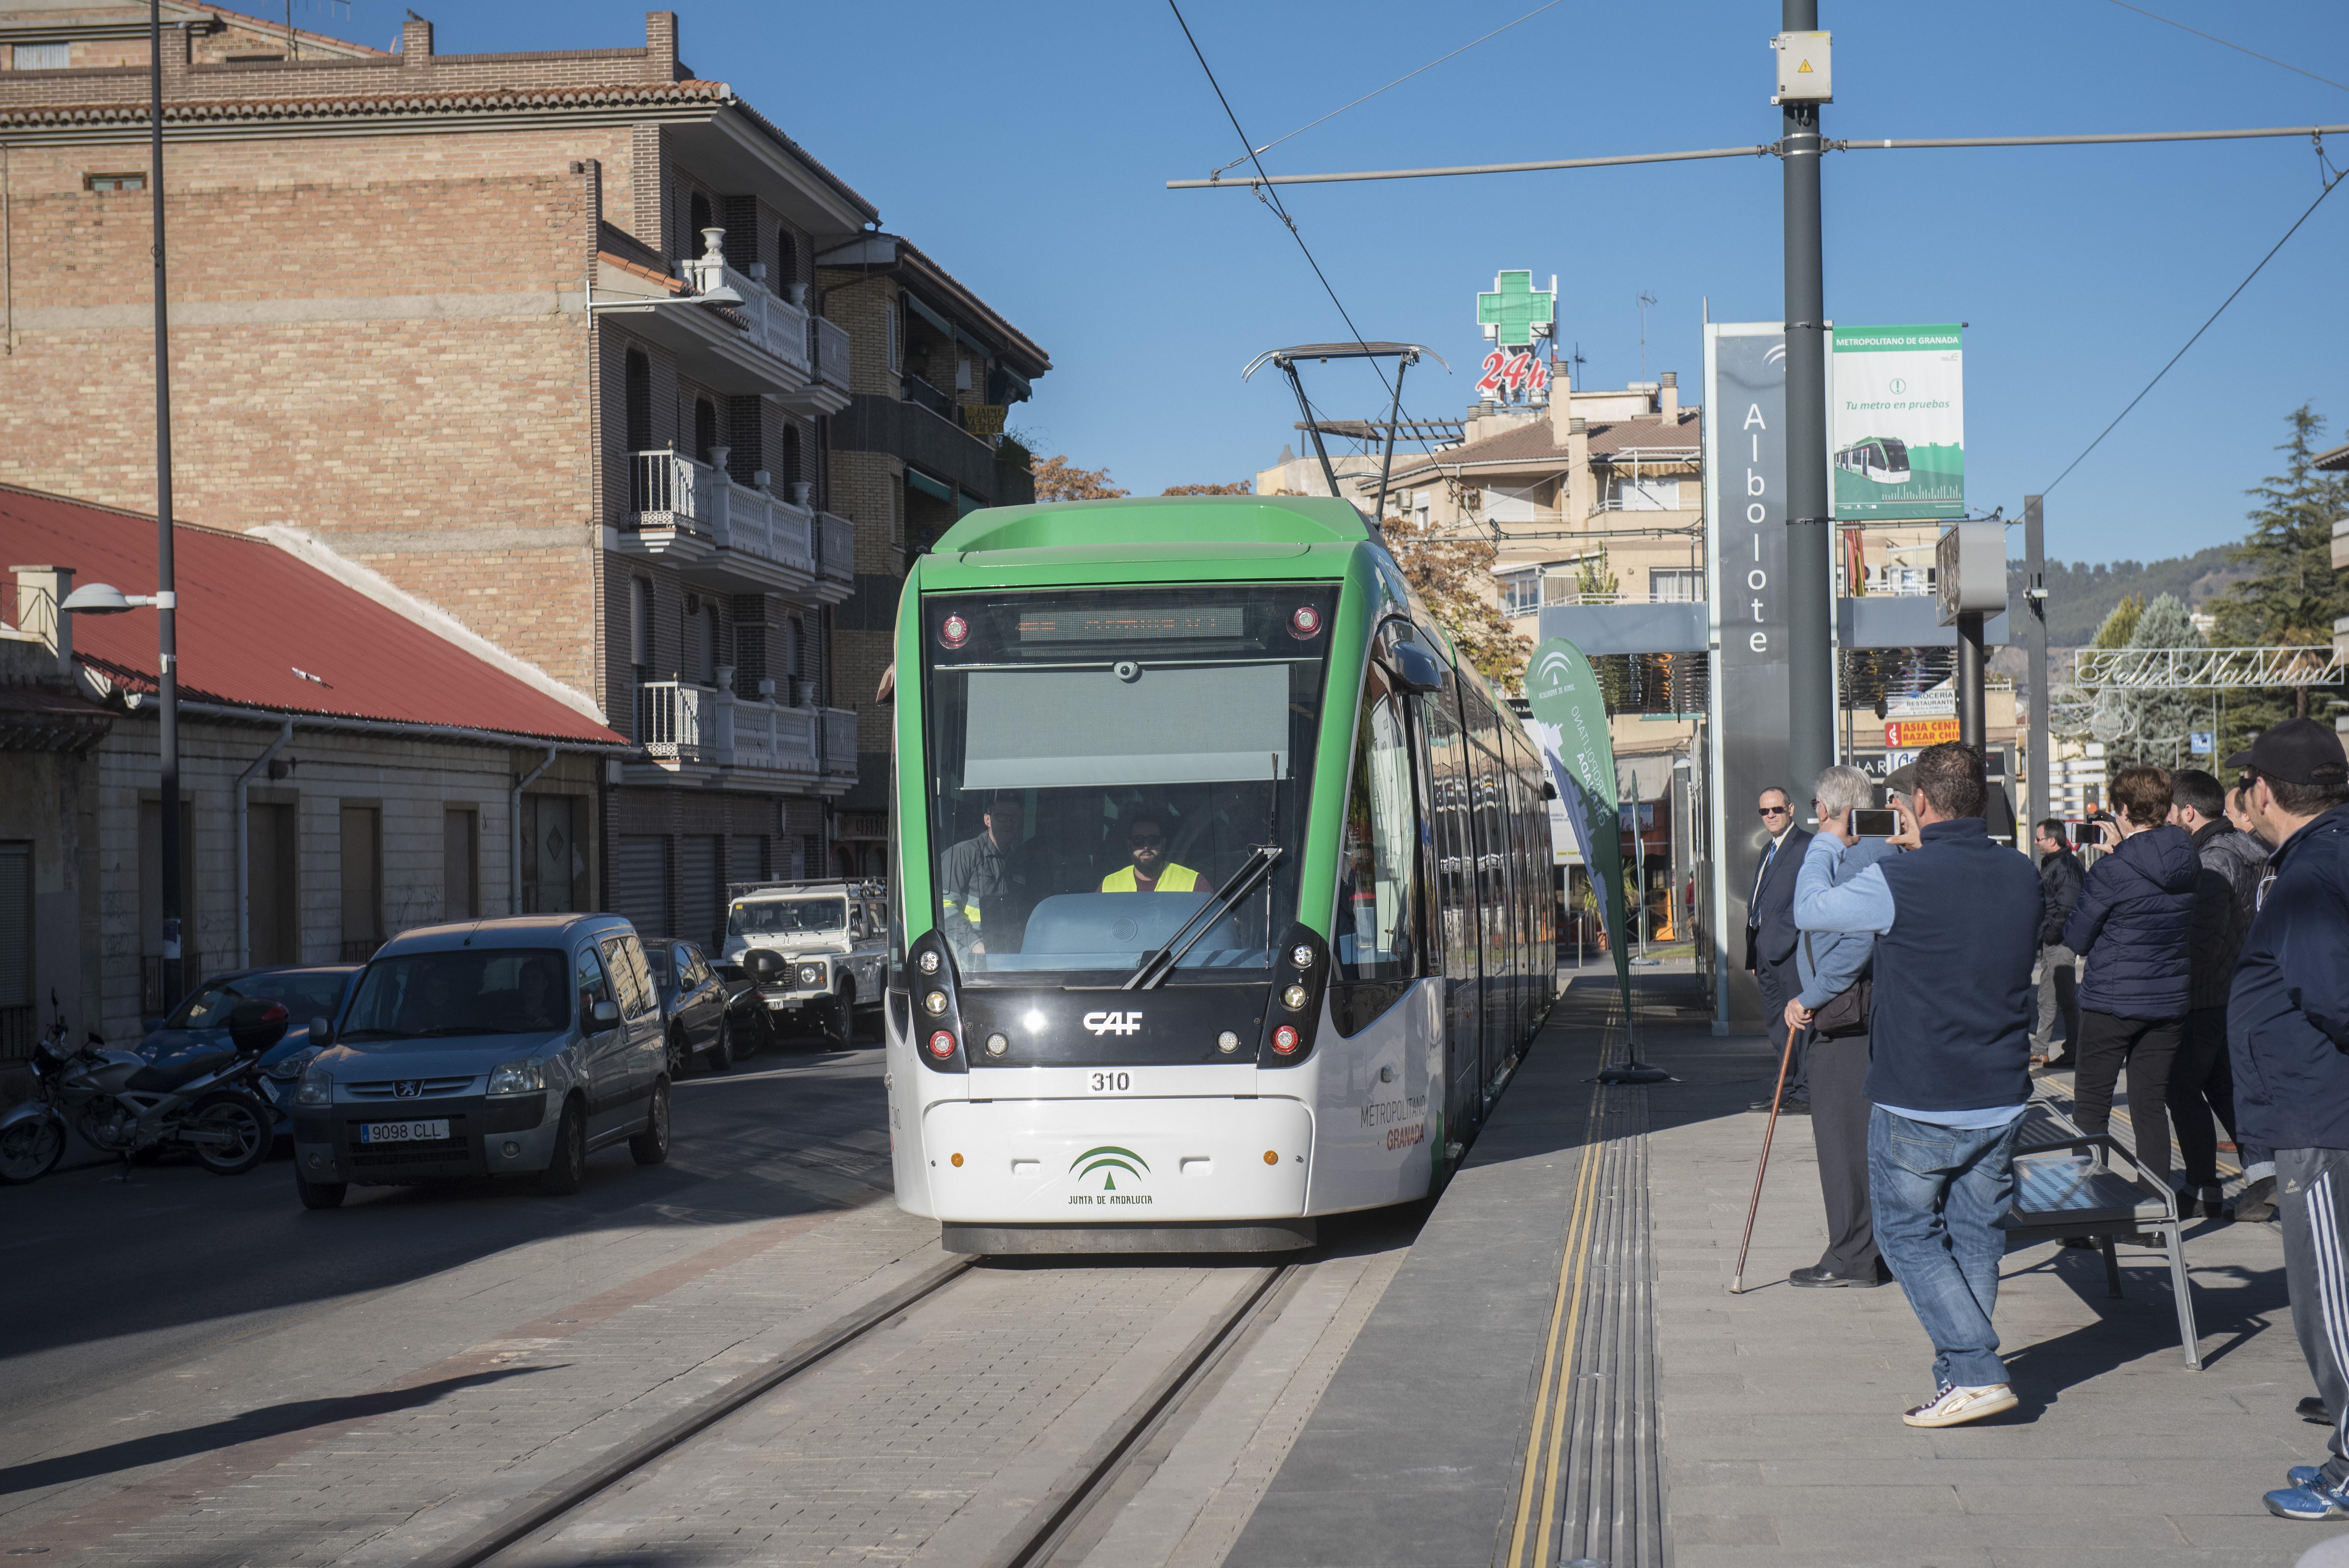 Los ciudadnos se verán afectados por la huelga de metro.